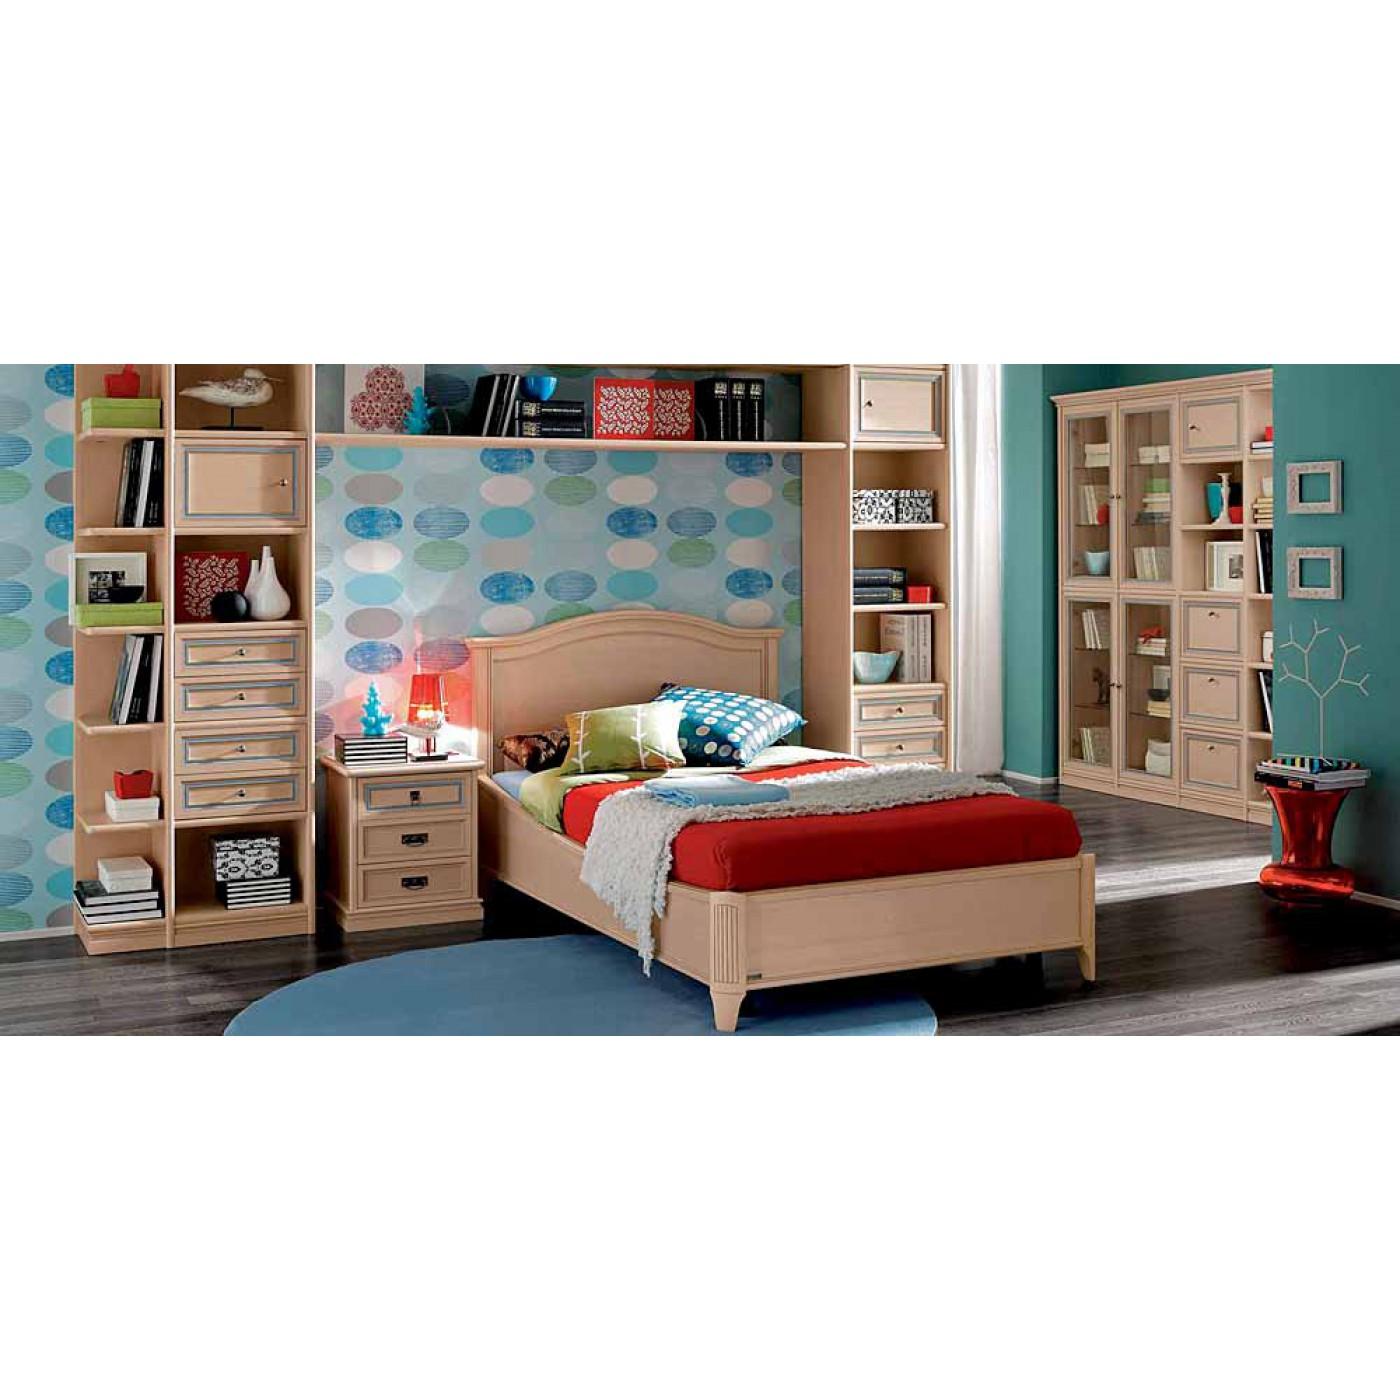 """кровать """"Nostalgia young trendy"""""""